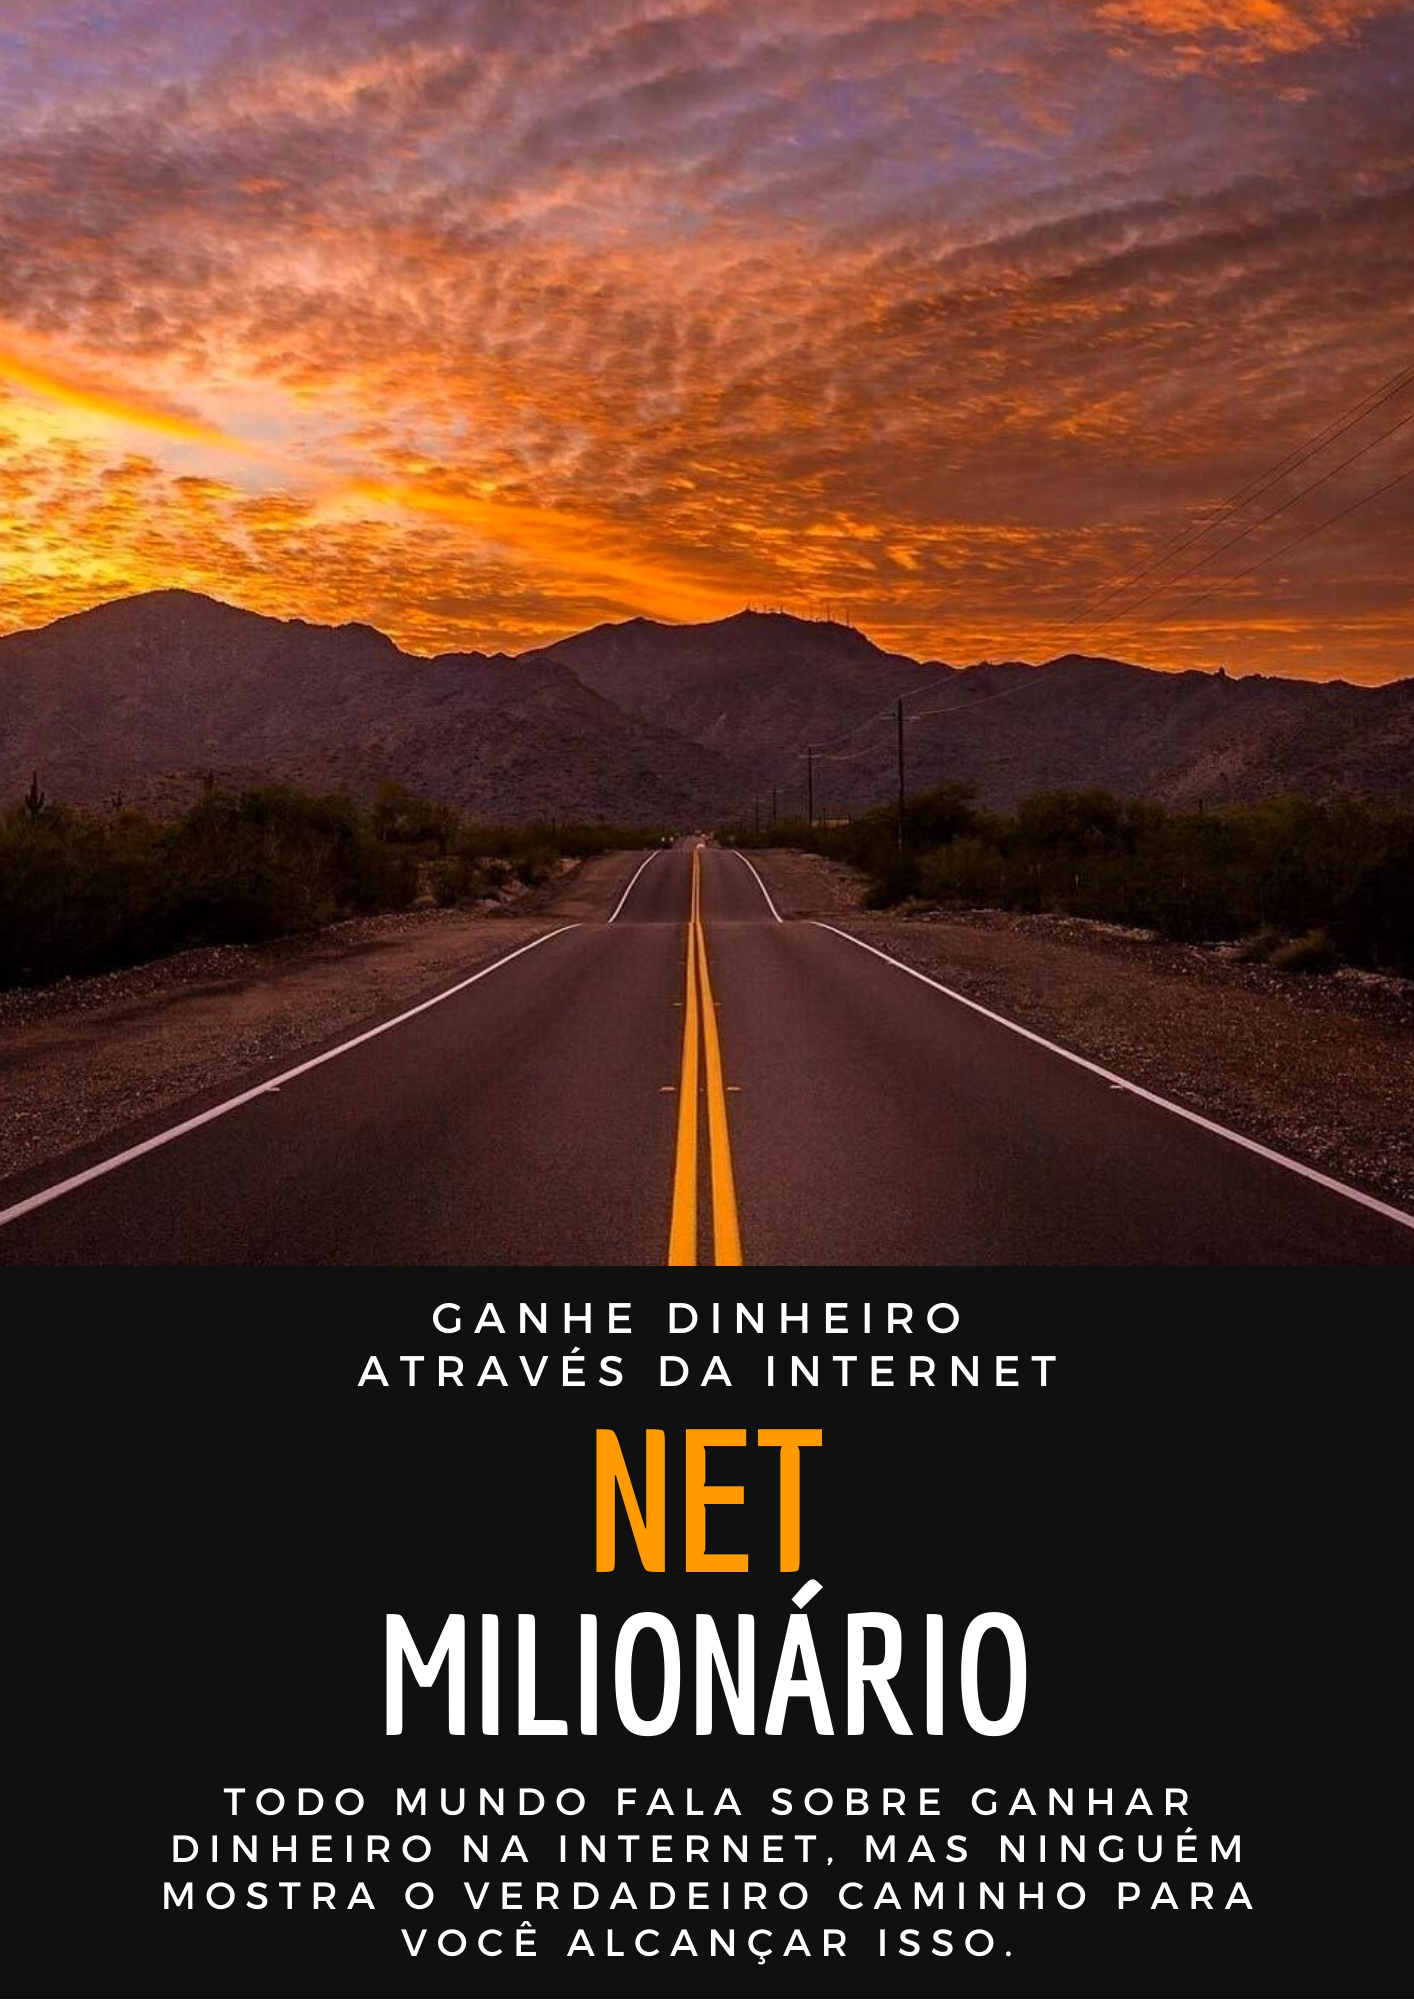 curso net milionario